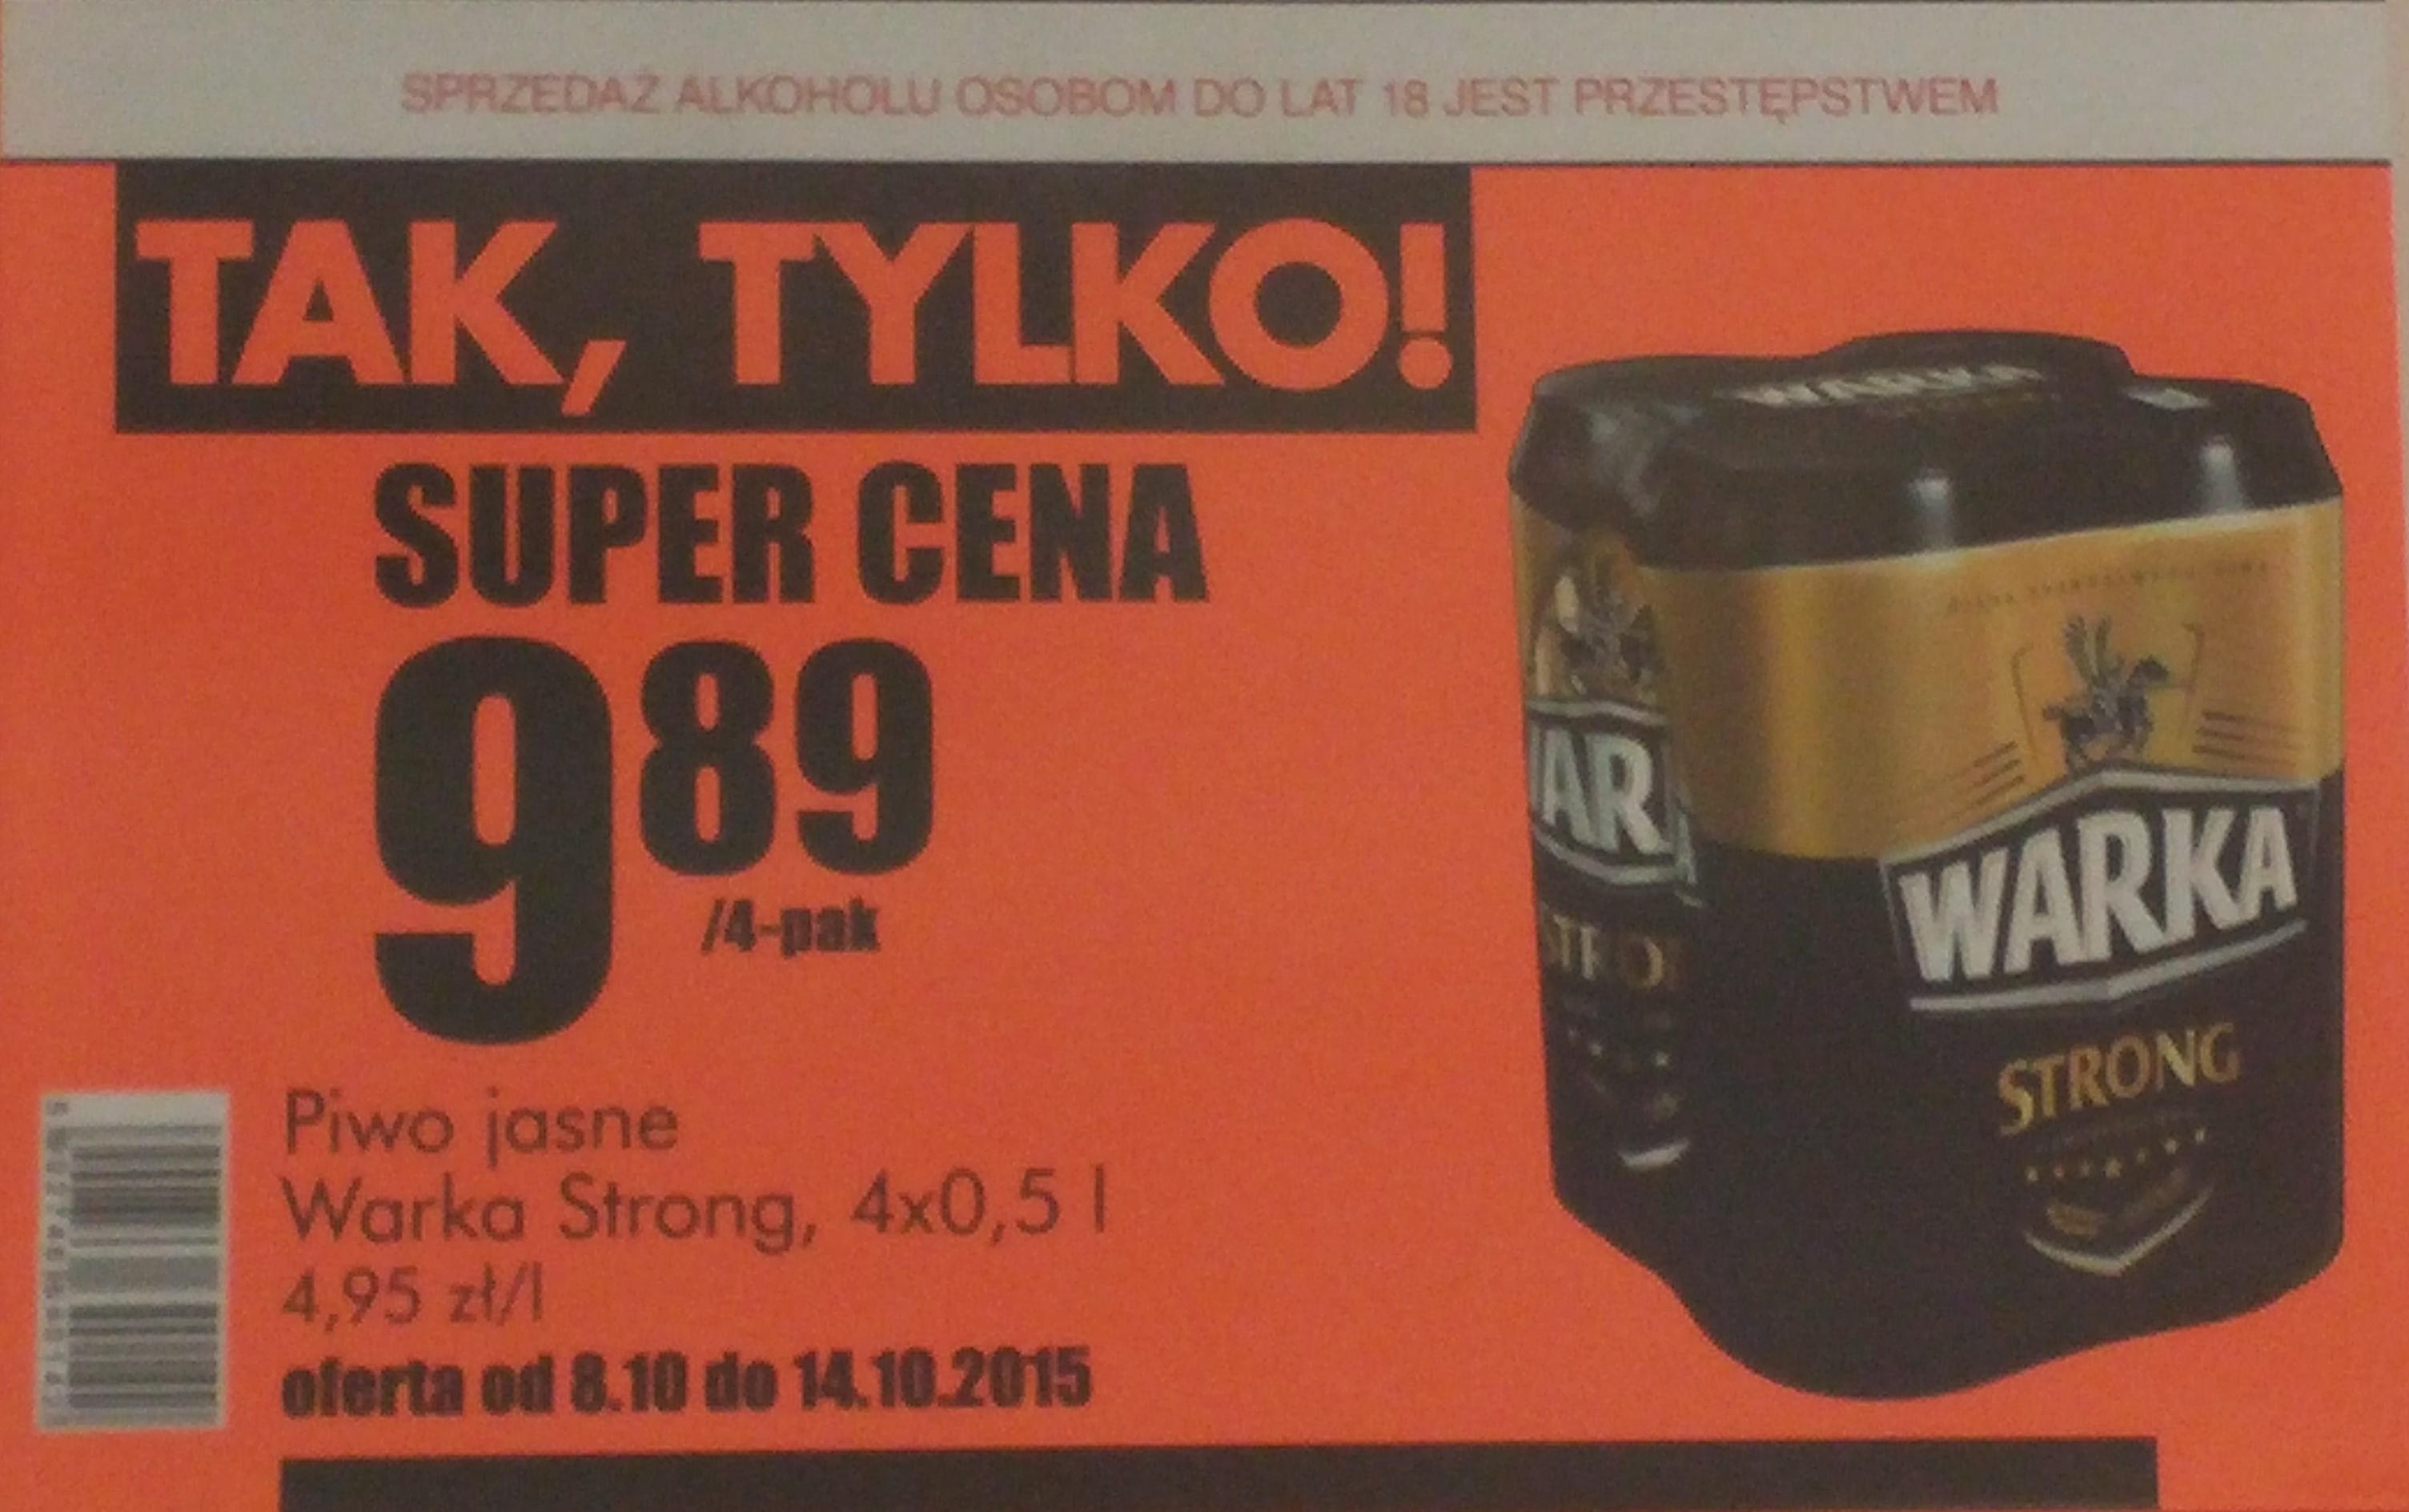 Piwo Warka Strong po 2,47 za puszkę 0,5l - Biedronka